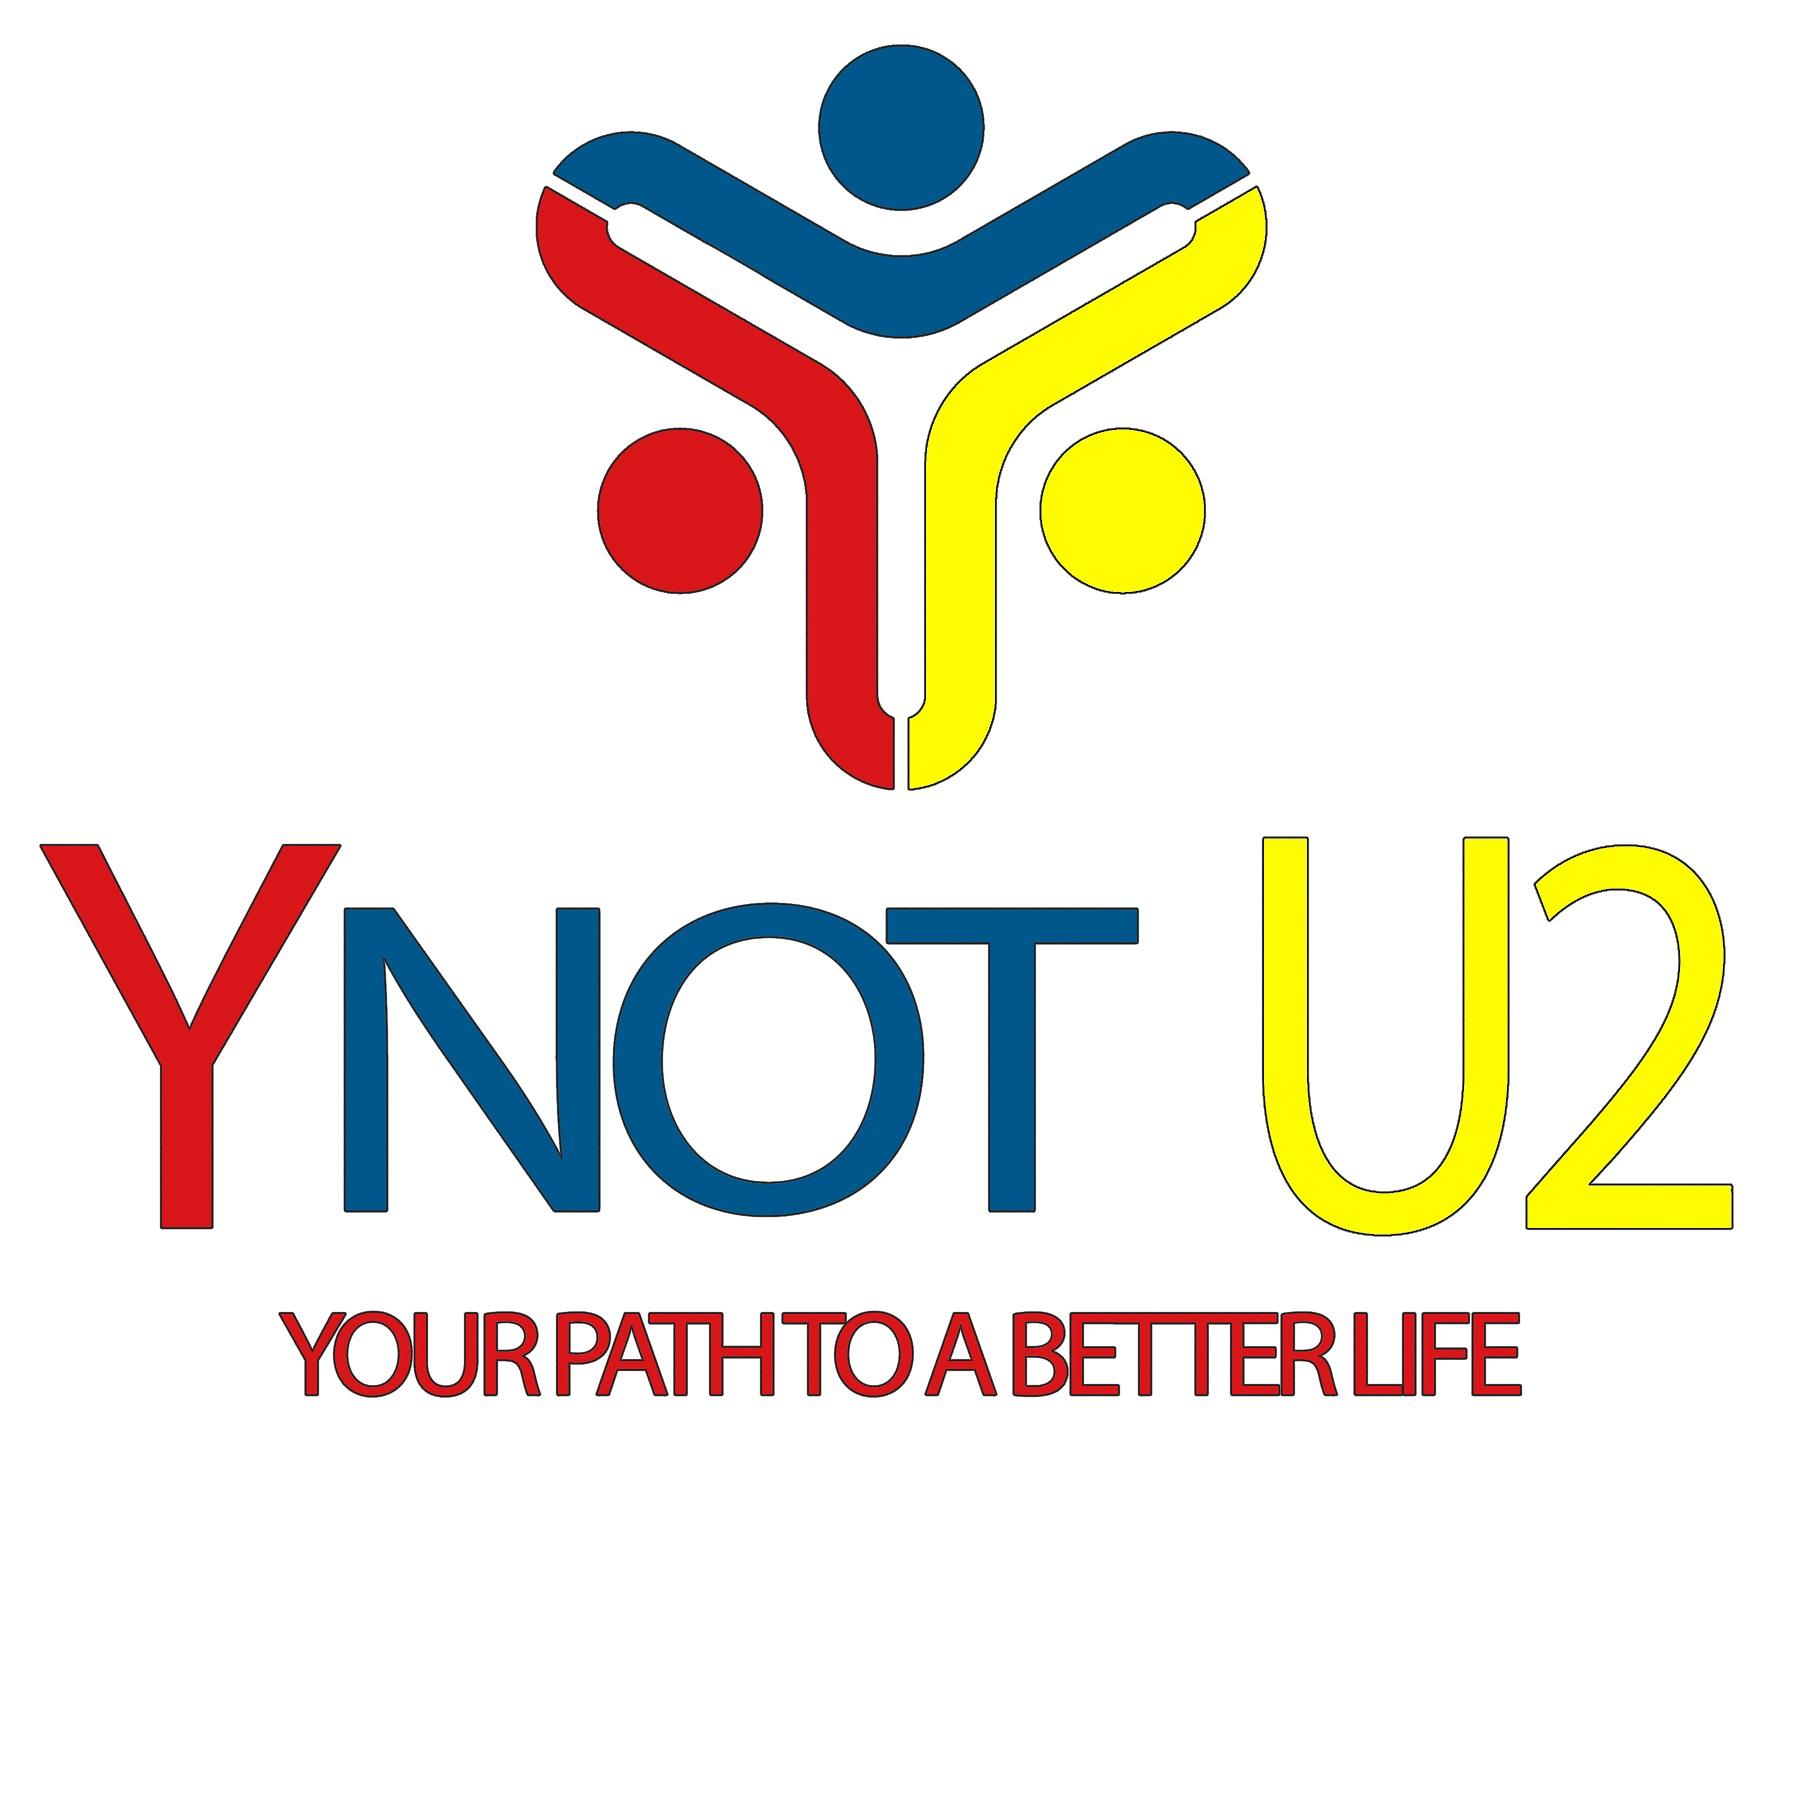 Ynotu2 Inc